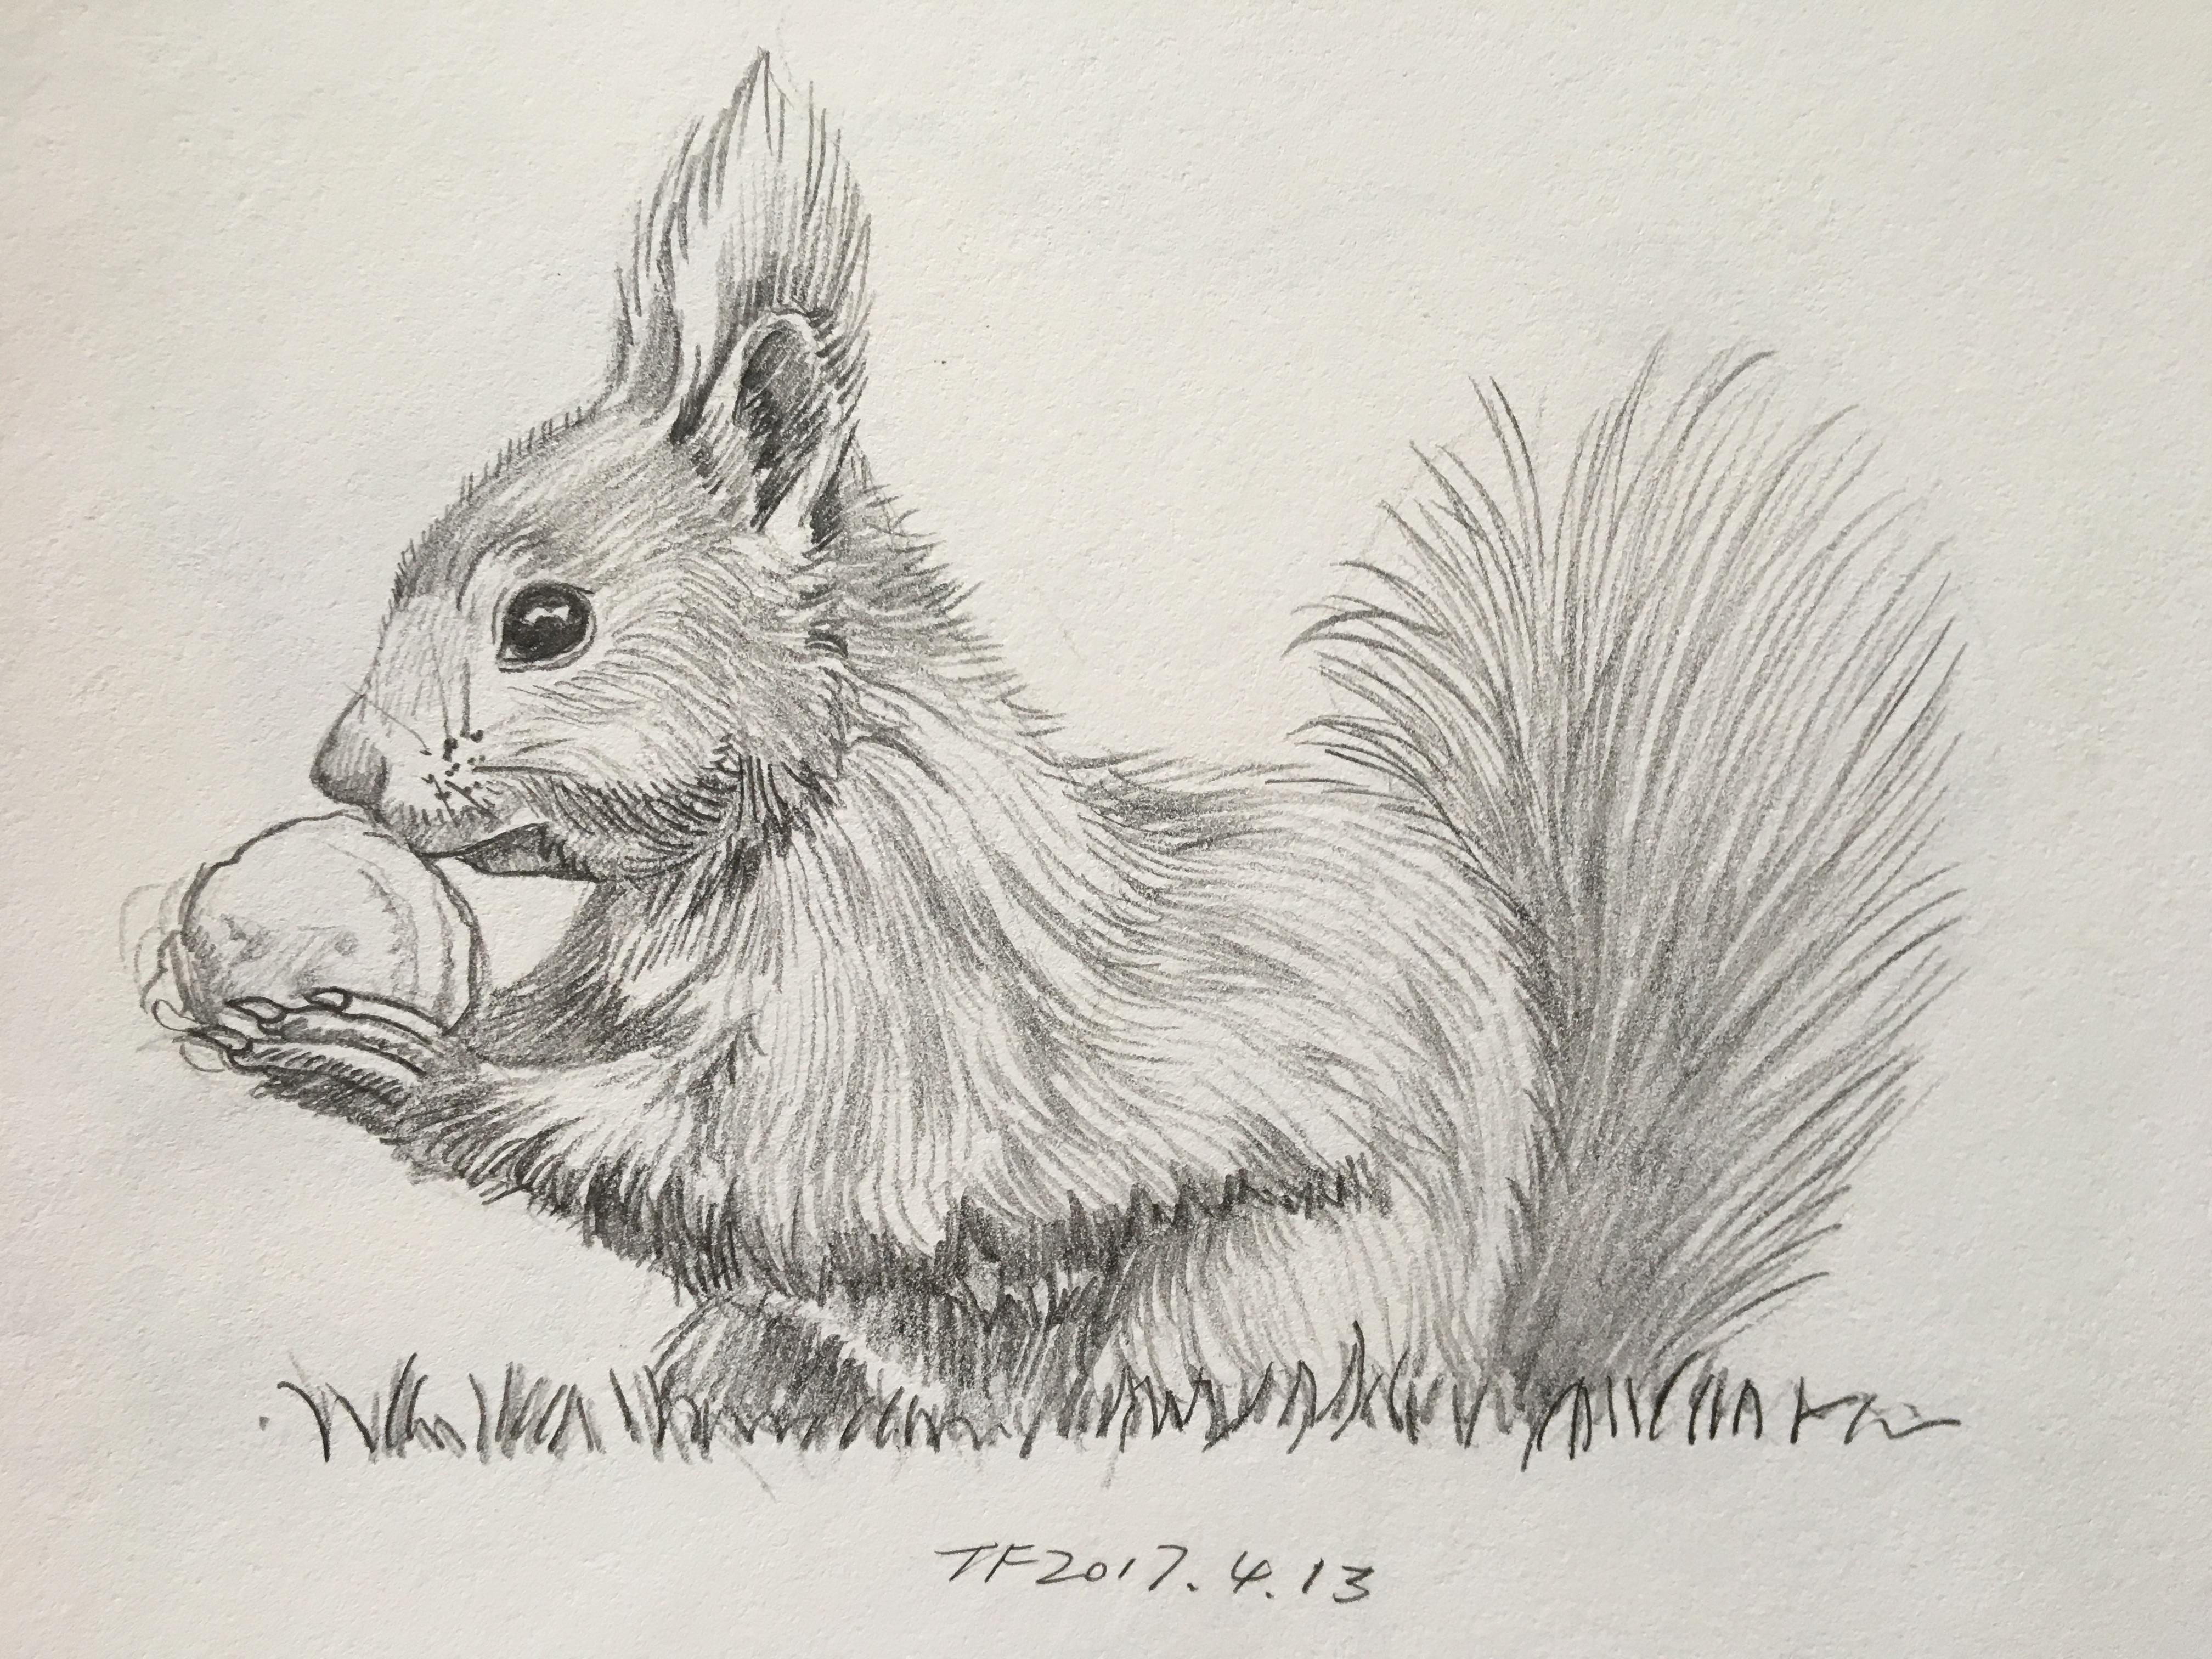 铅笔画 动物篇